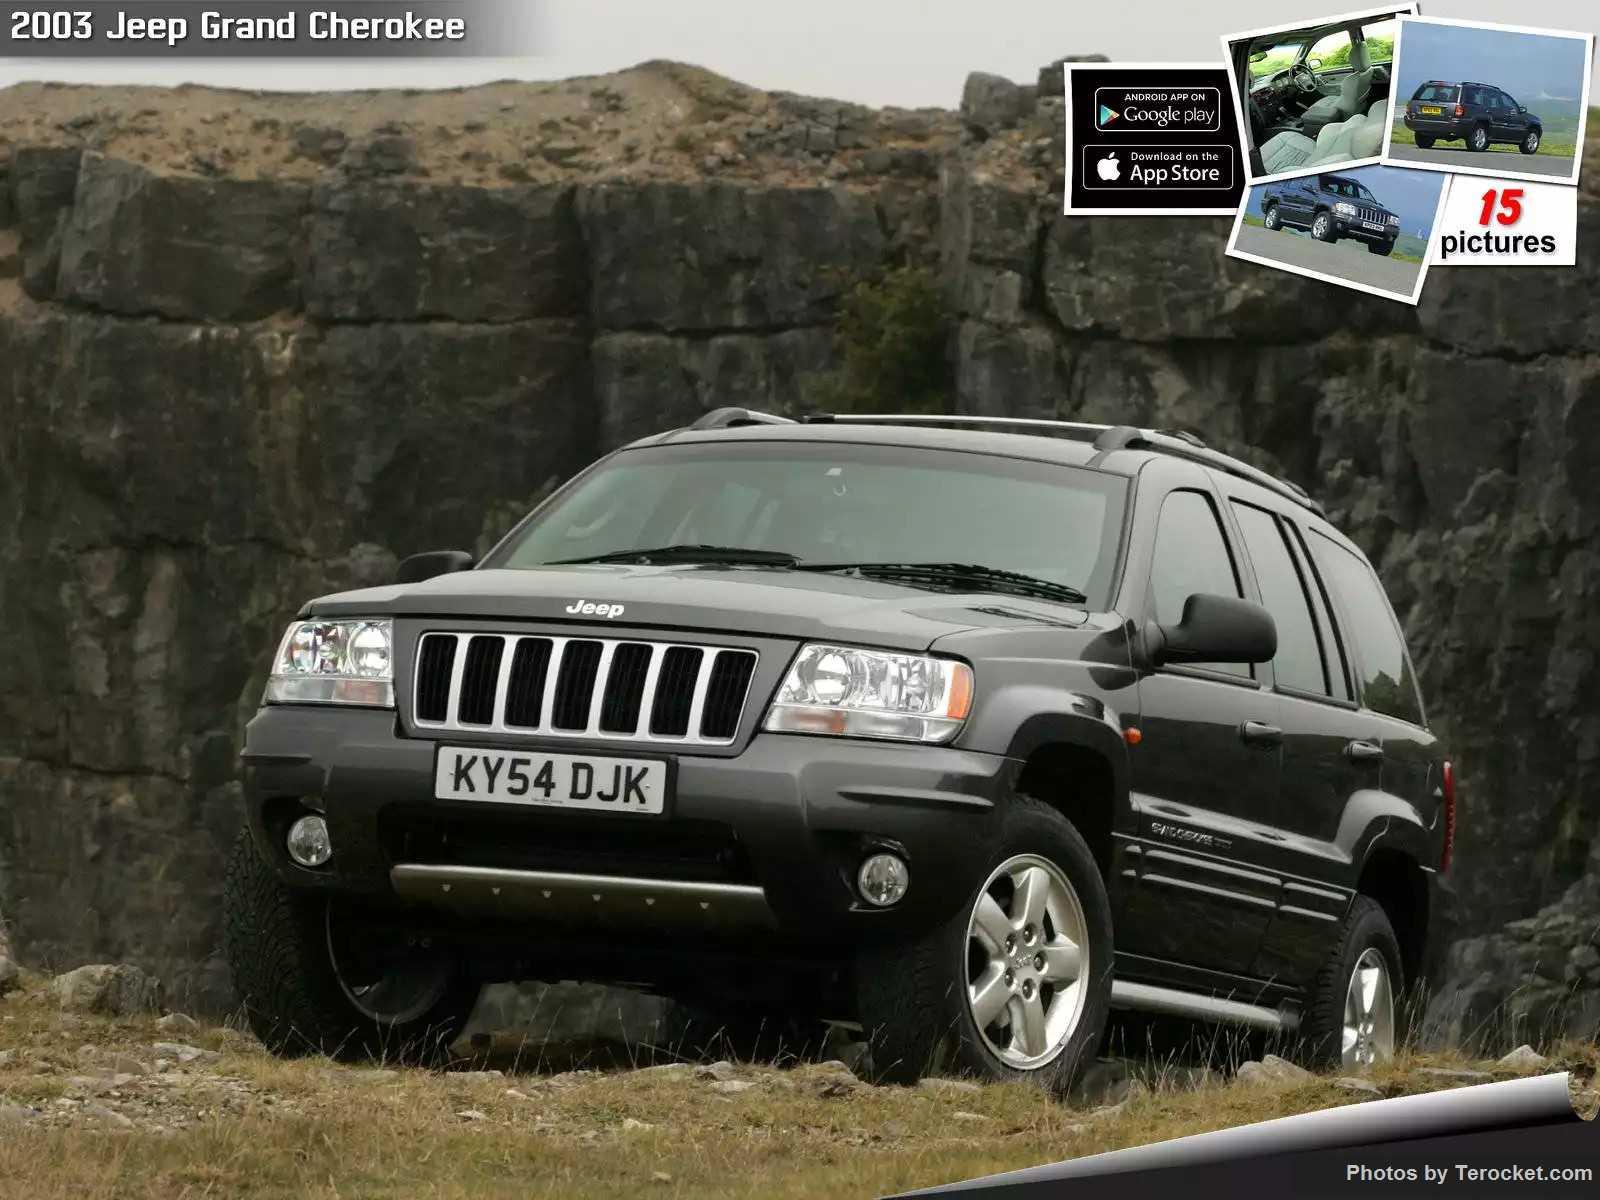 Hình ảnh xe ô tô Jeep Grand Cherokee UK Version 2003 & nội ngoại thất